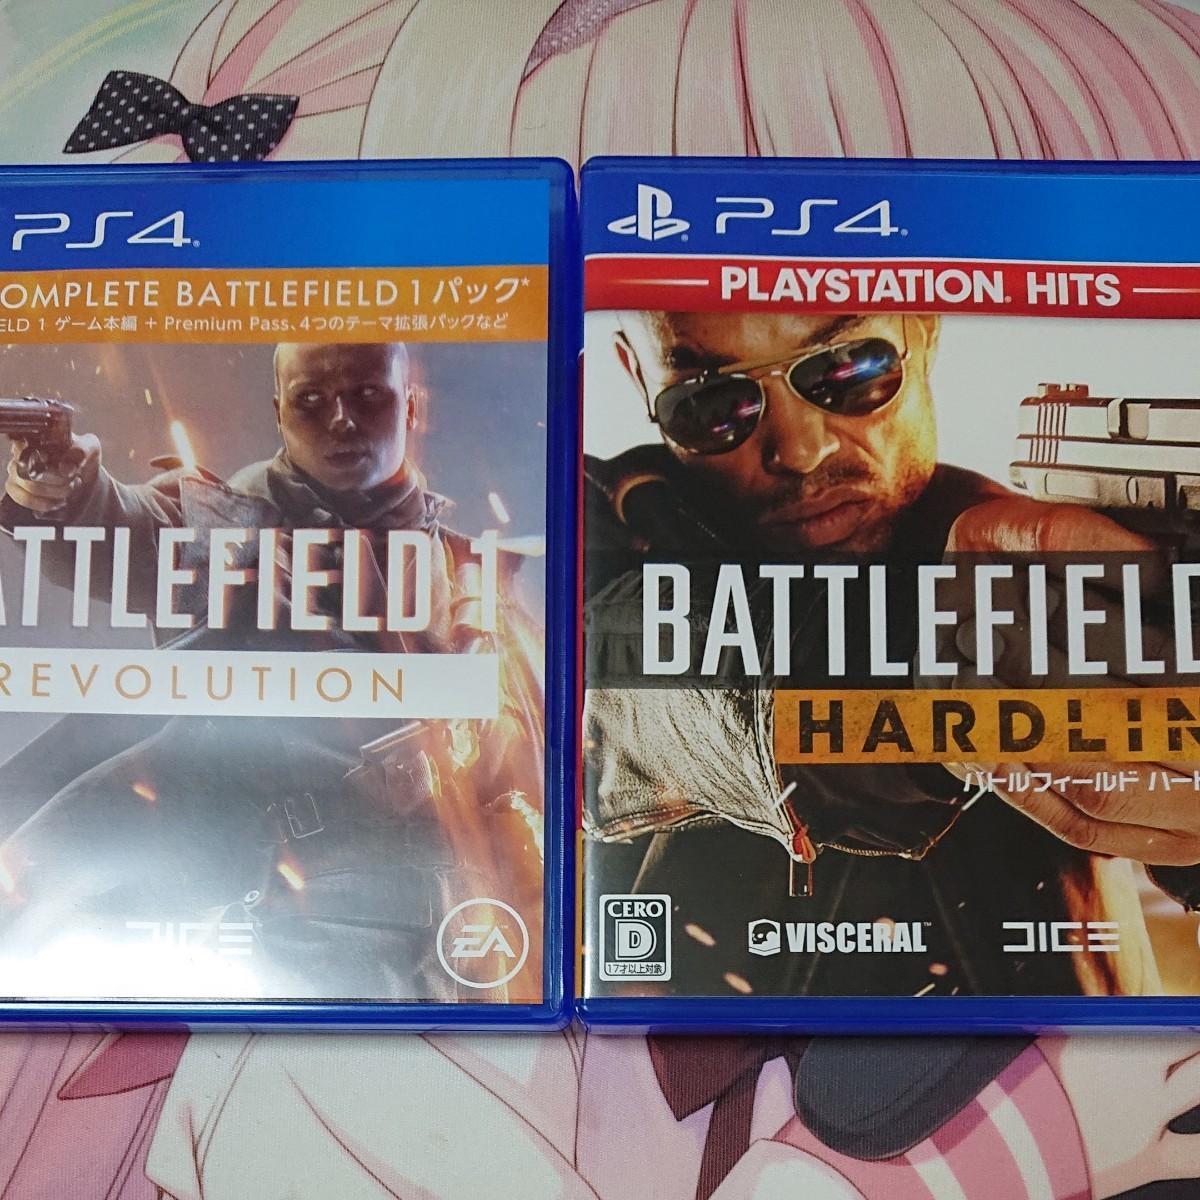 PS4ソフト PS4 バトルフィールド ハードライン 1 battle FIELD